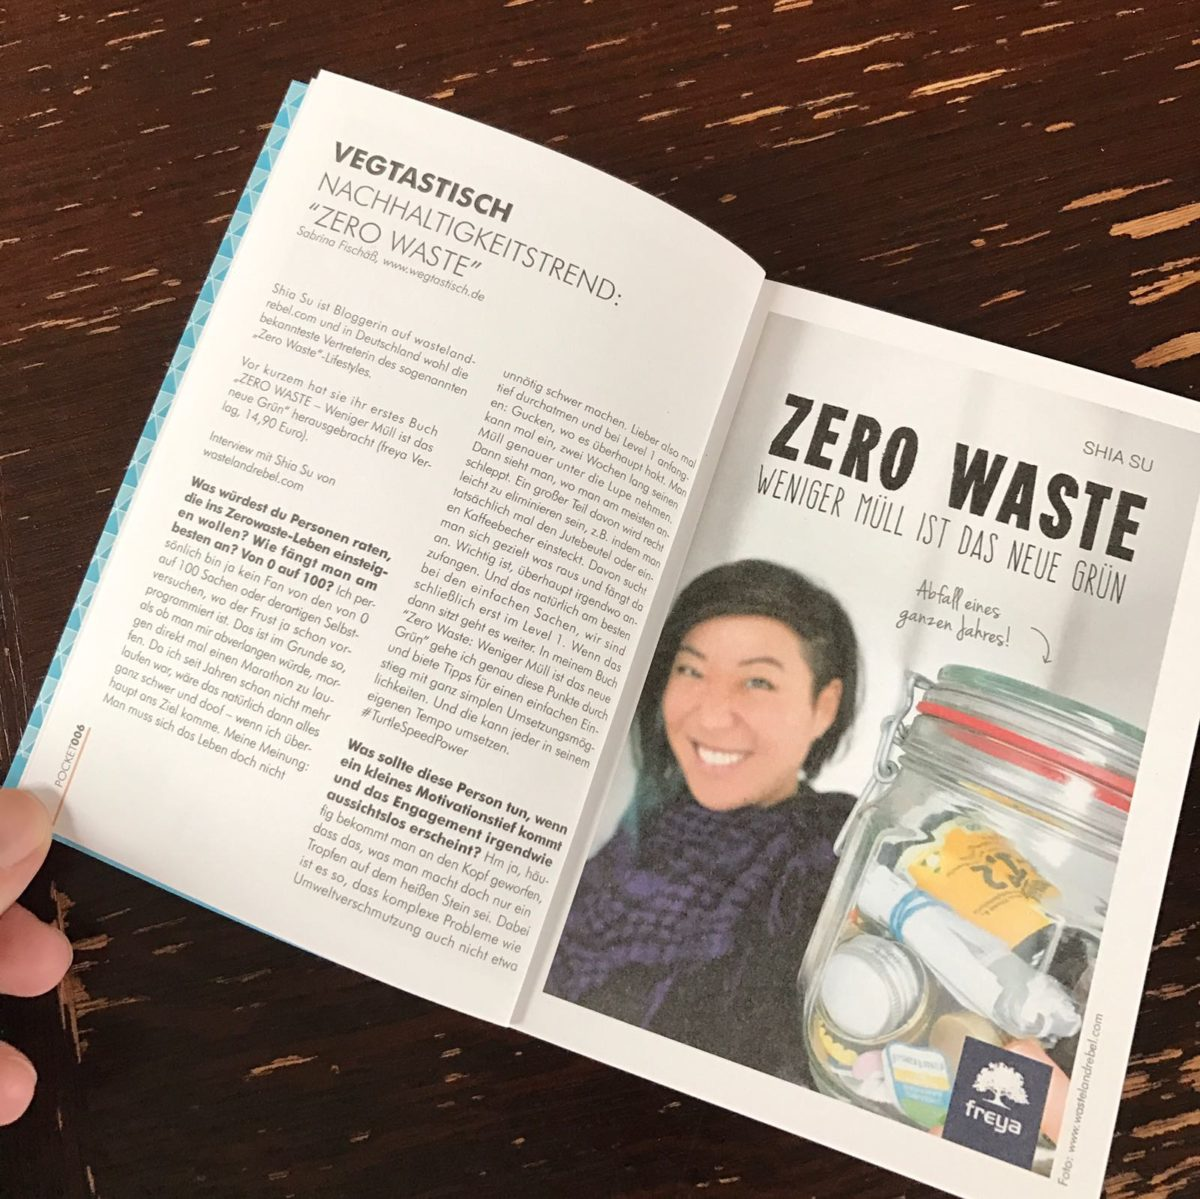 """Kolumne im POCKET MAGAZIN: Nachhaltigkeitstrend """"Zero Waste"""" – Interview mit Bloggerin und Autorin Shia Su von wastelandrebel.com"""